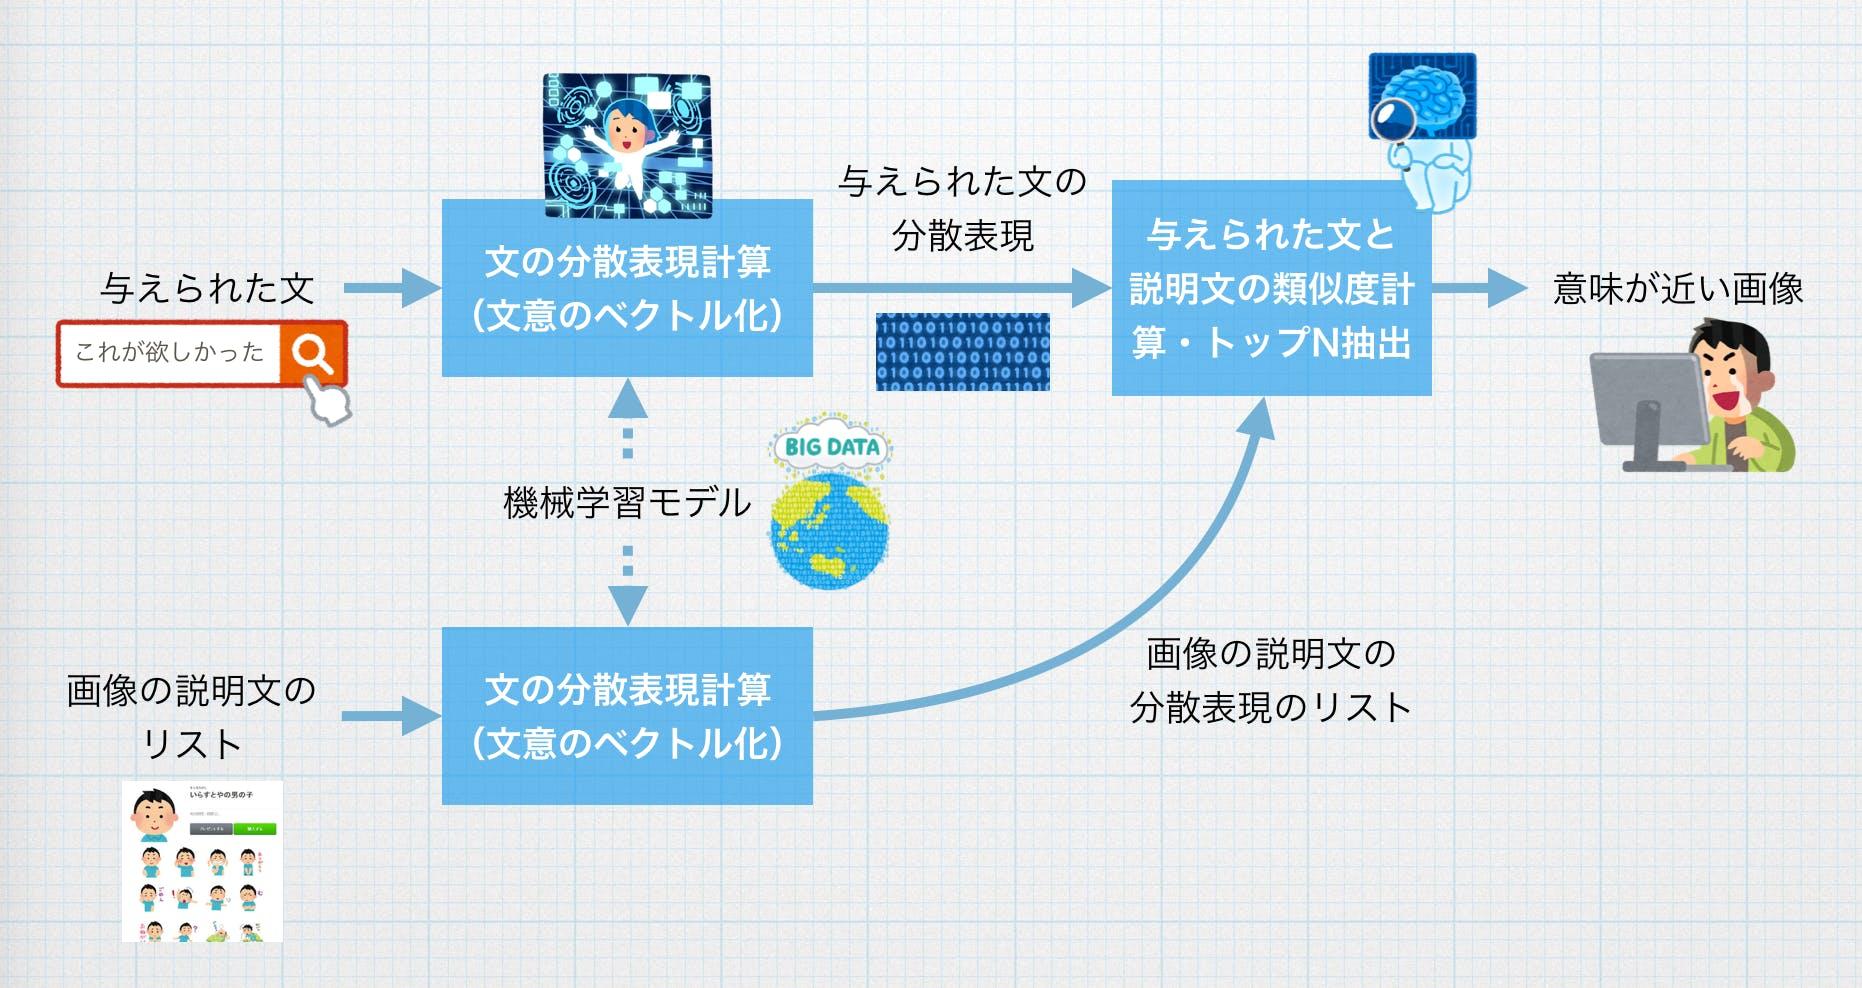 アプリの仕組み.png